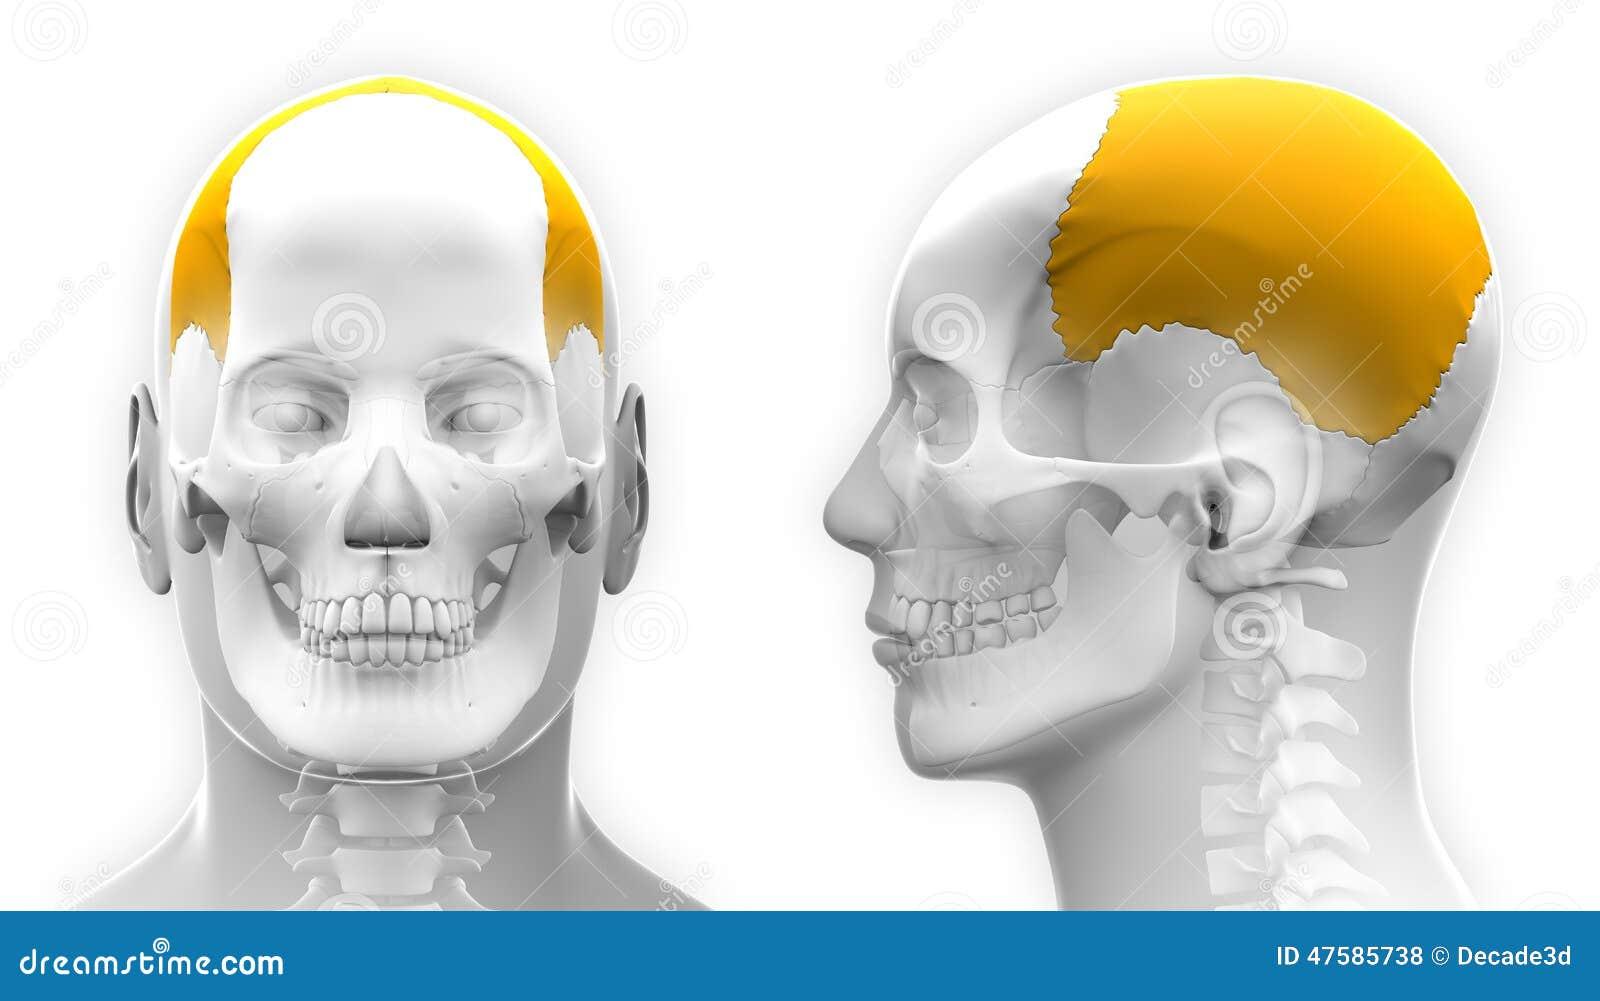 Contemporáneo Anatomía Y Fisiología Del Cráneo Colección de Imágenes ...